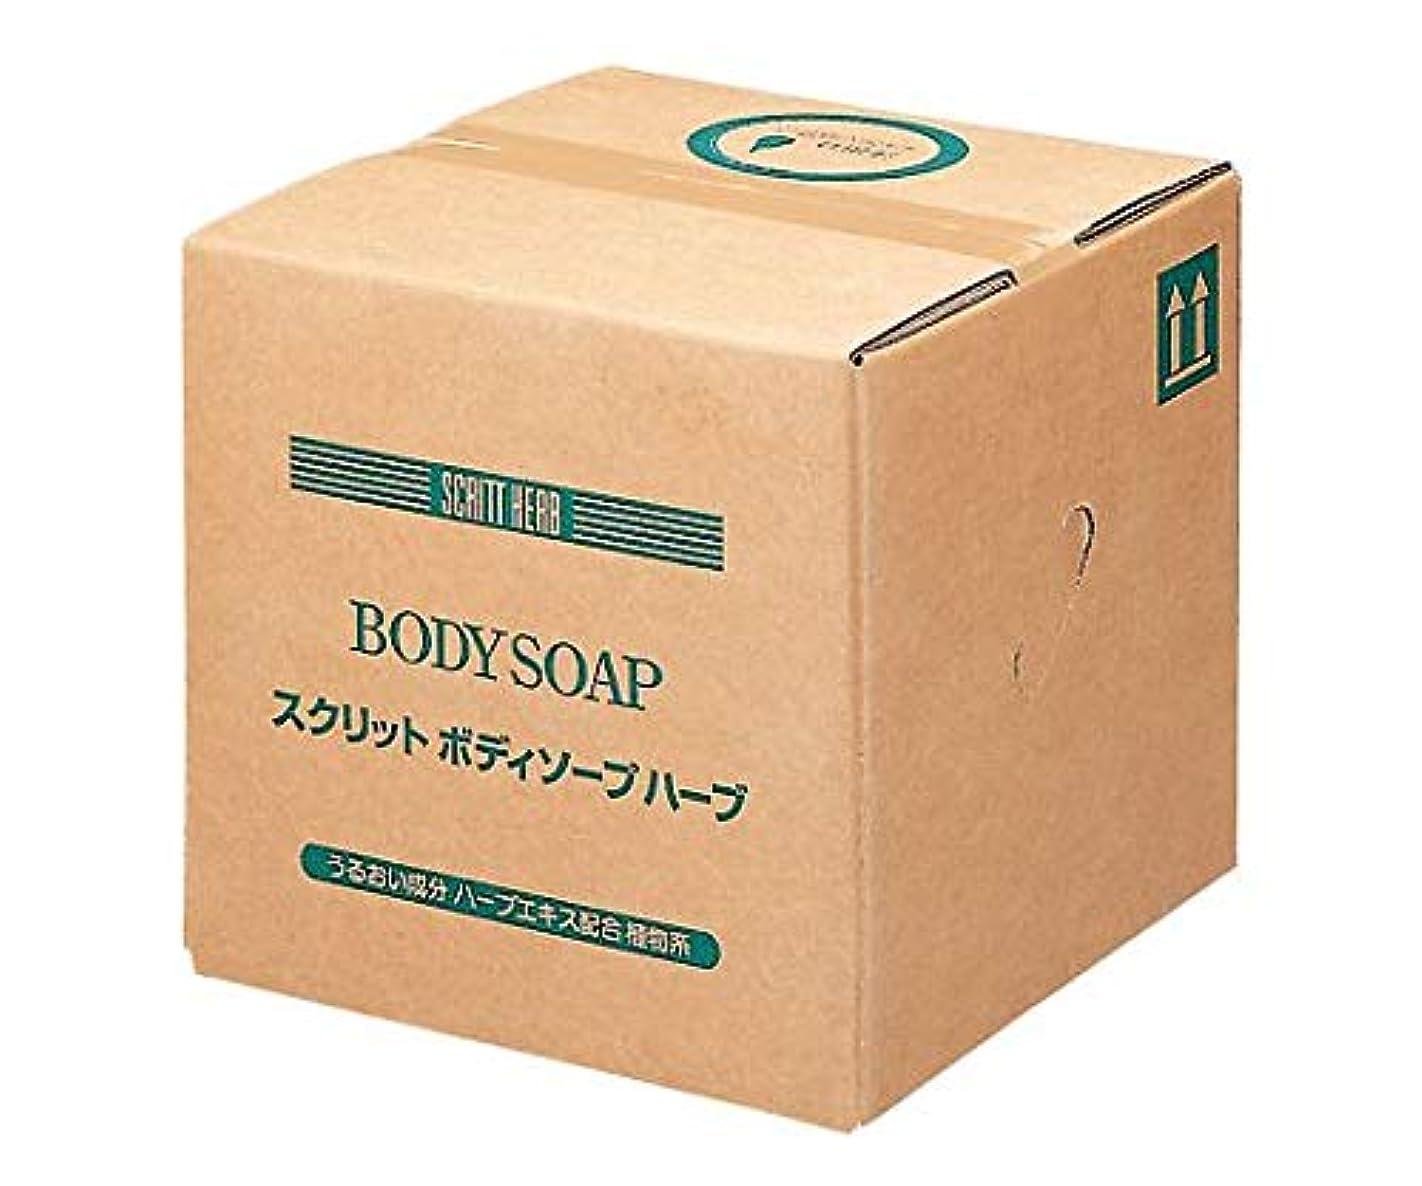 熊野油脂 業務用 SCRITT(スクリット) ボデイソ-プ 18L